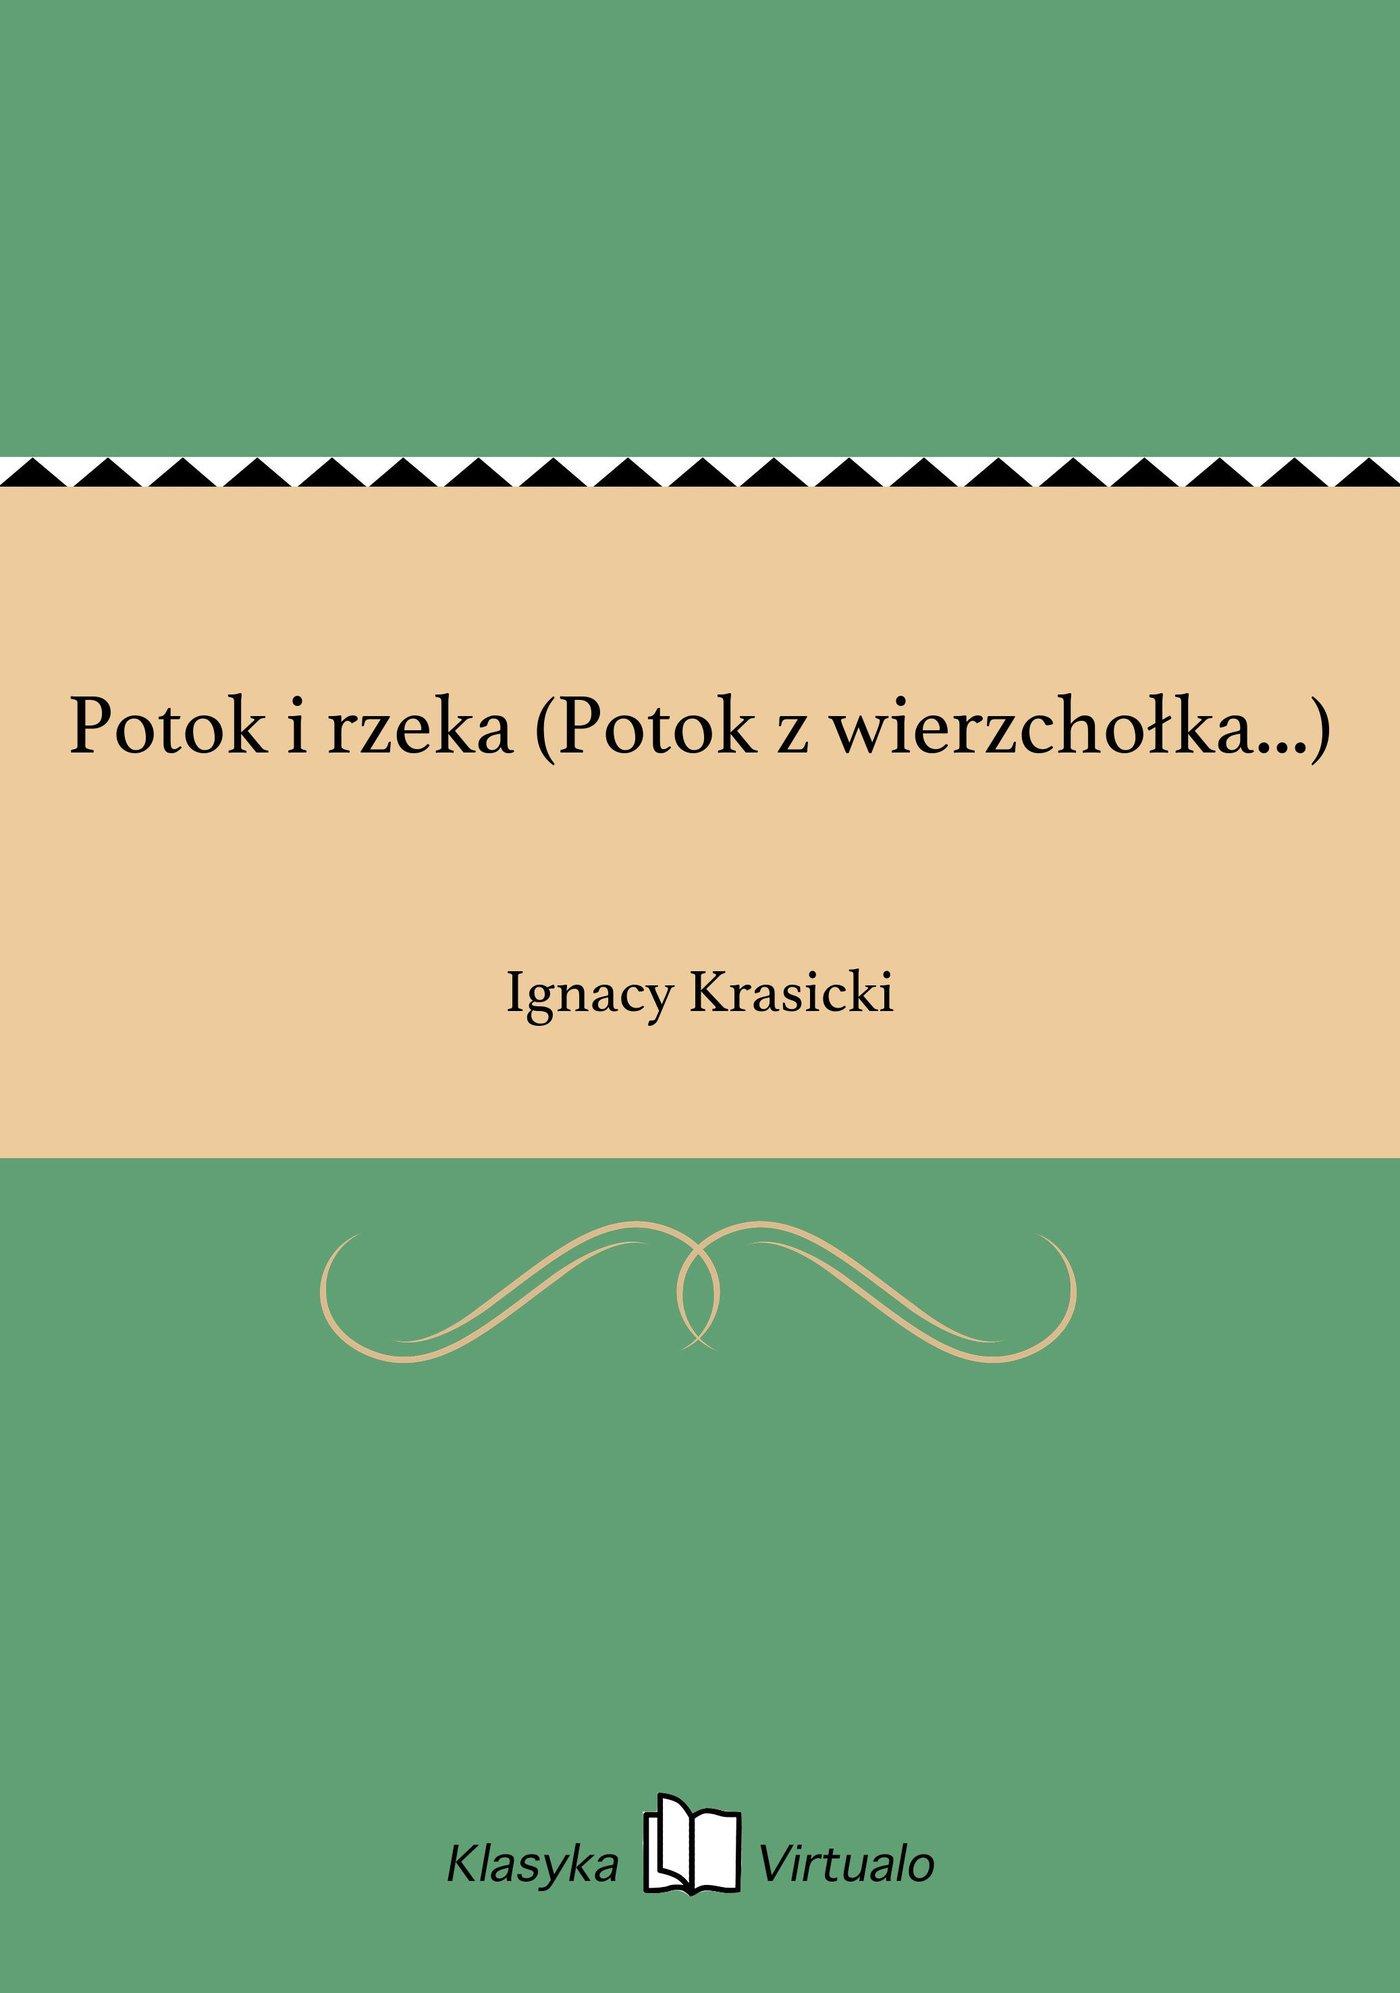 Potok i rzeka (Potok z wierzchołka...) - Ebook (Książka EPUB) do pobrania w formacie EPUB